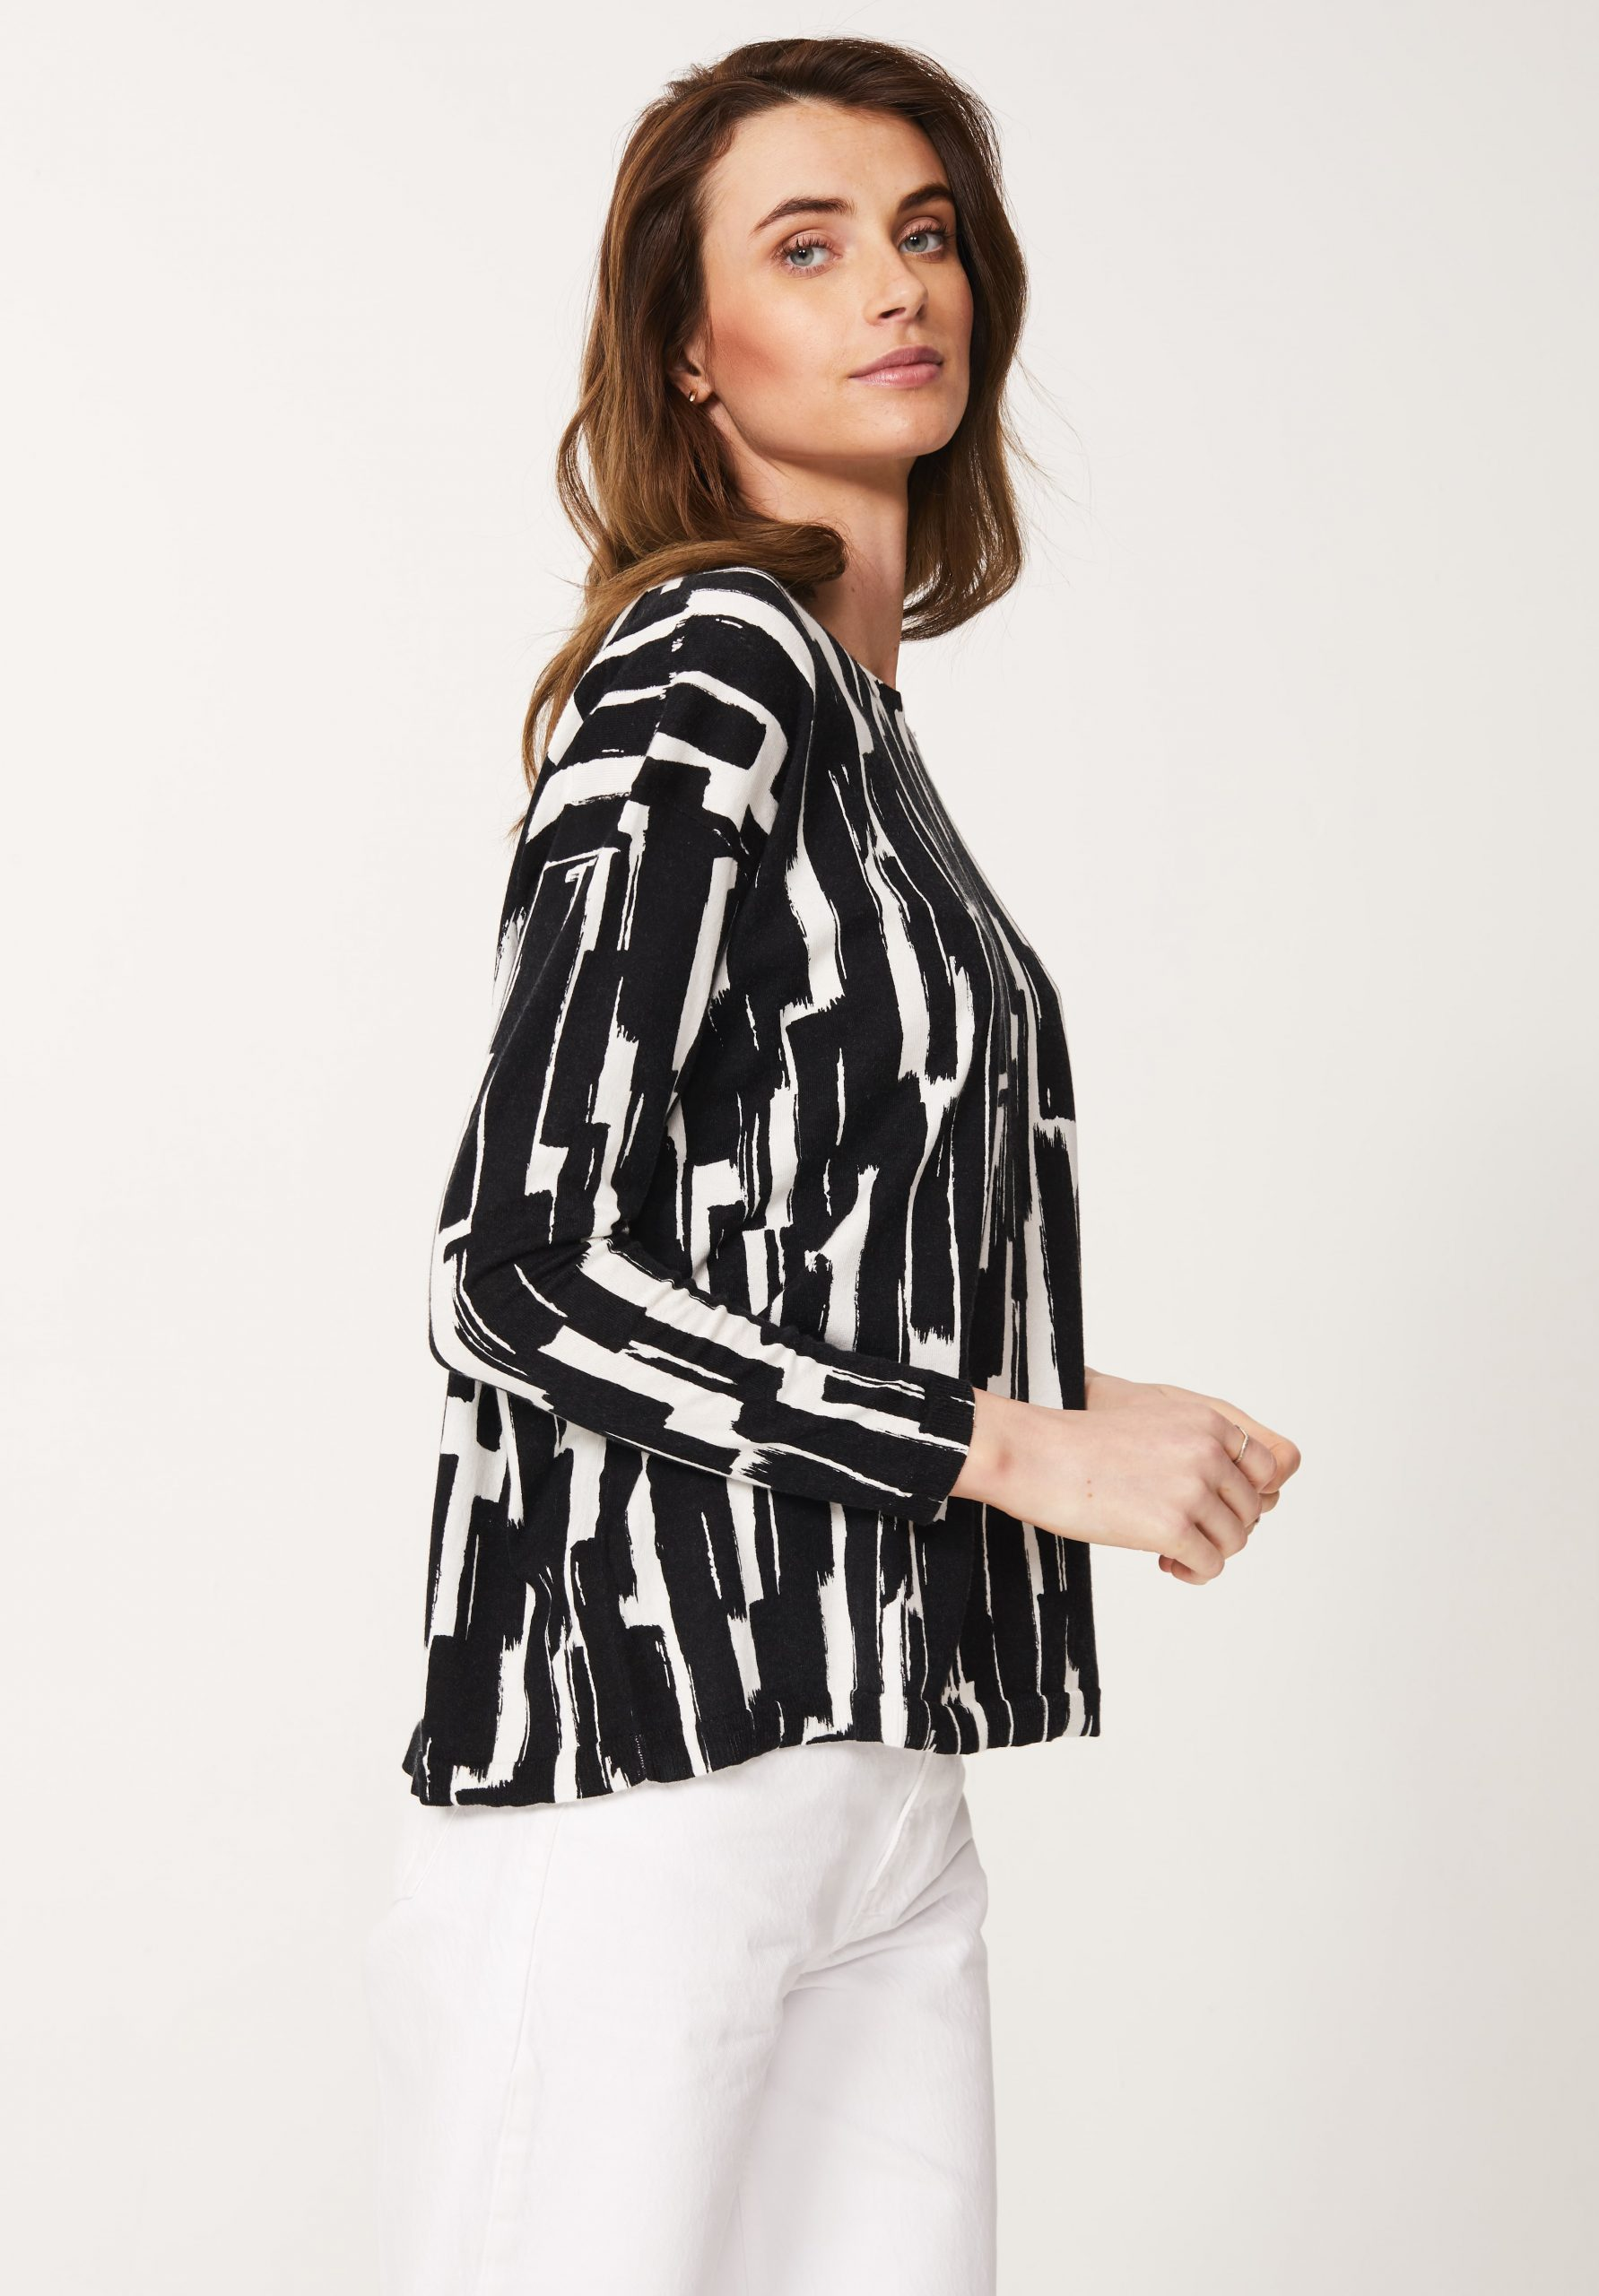 Cotton / Cashmere Print Top